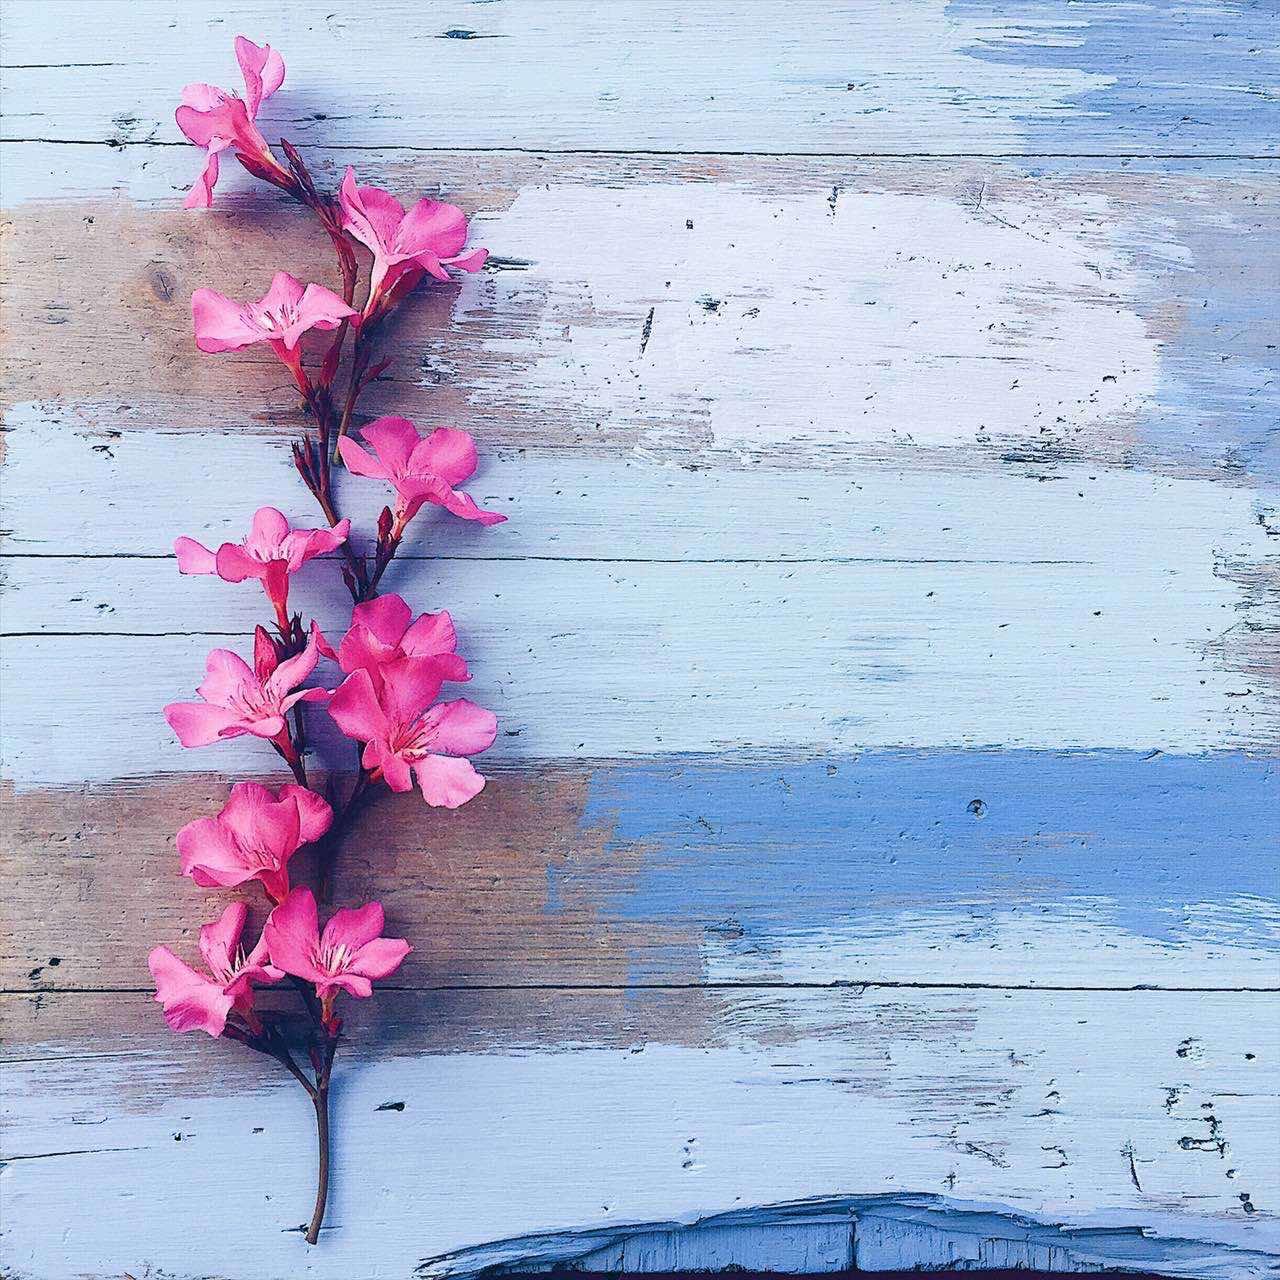 Pink Flowers - foto di tatianaberlaffa.com